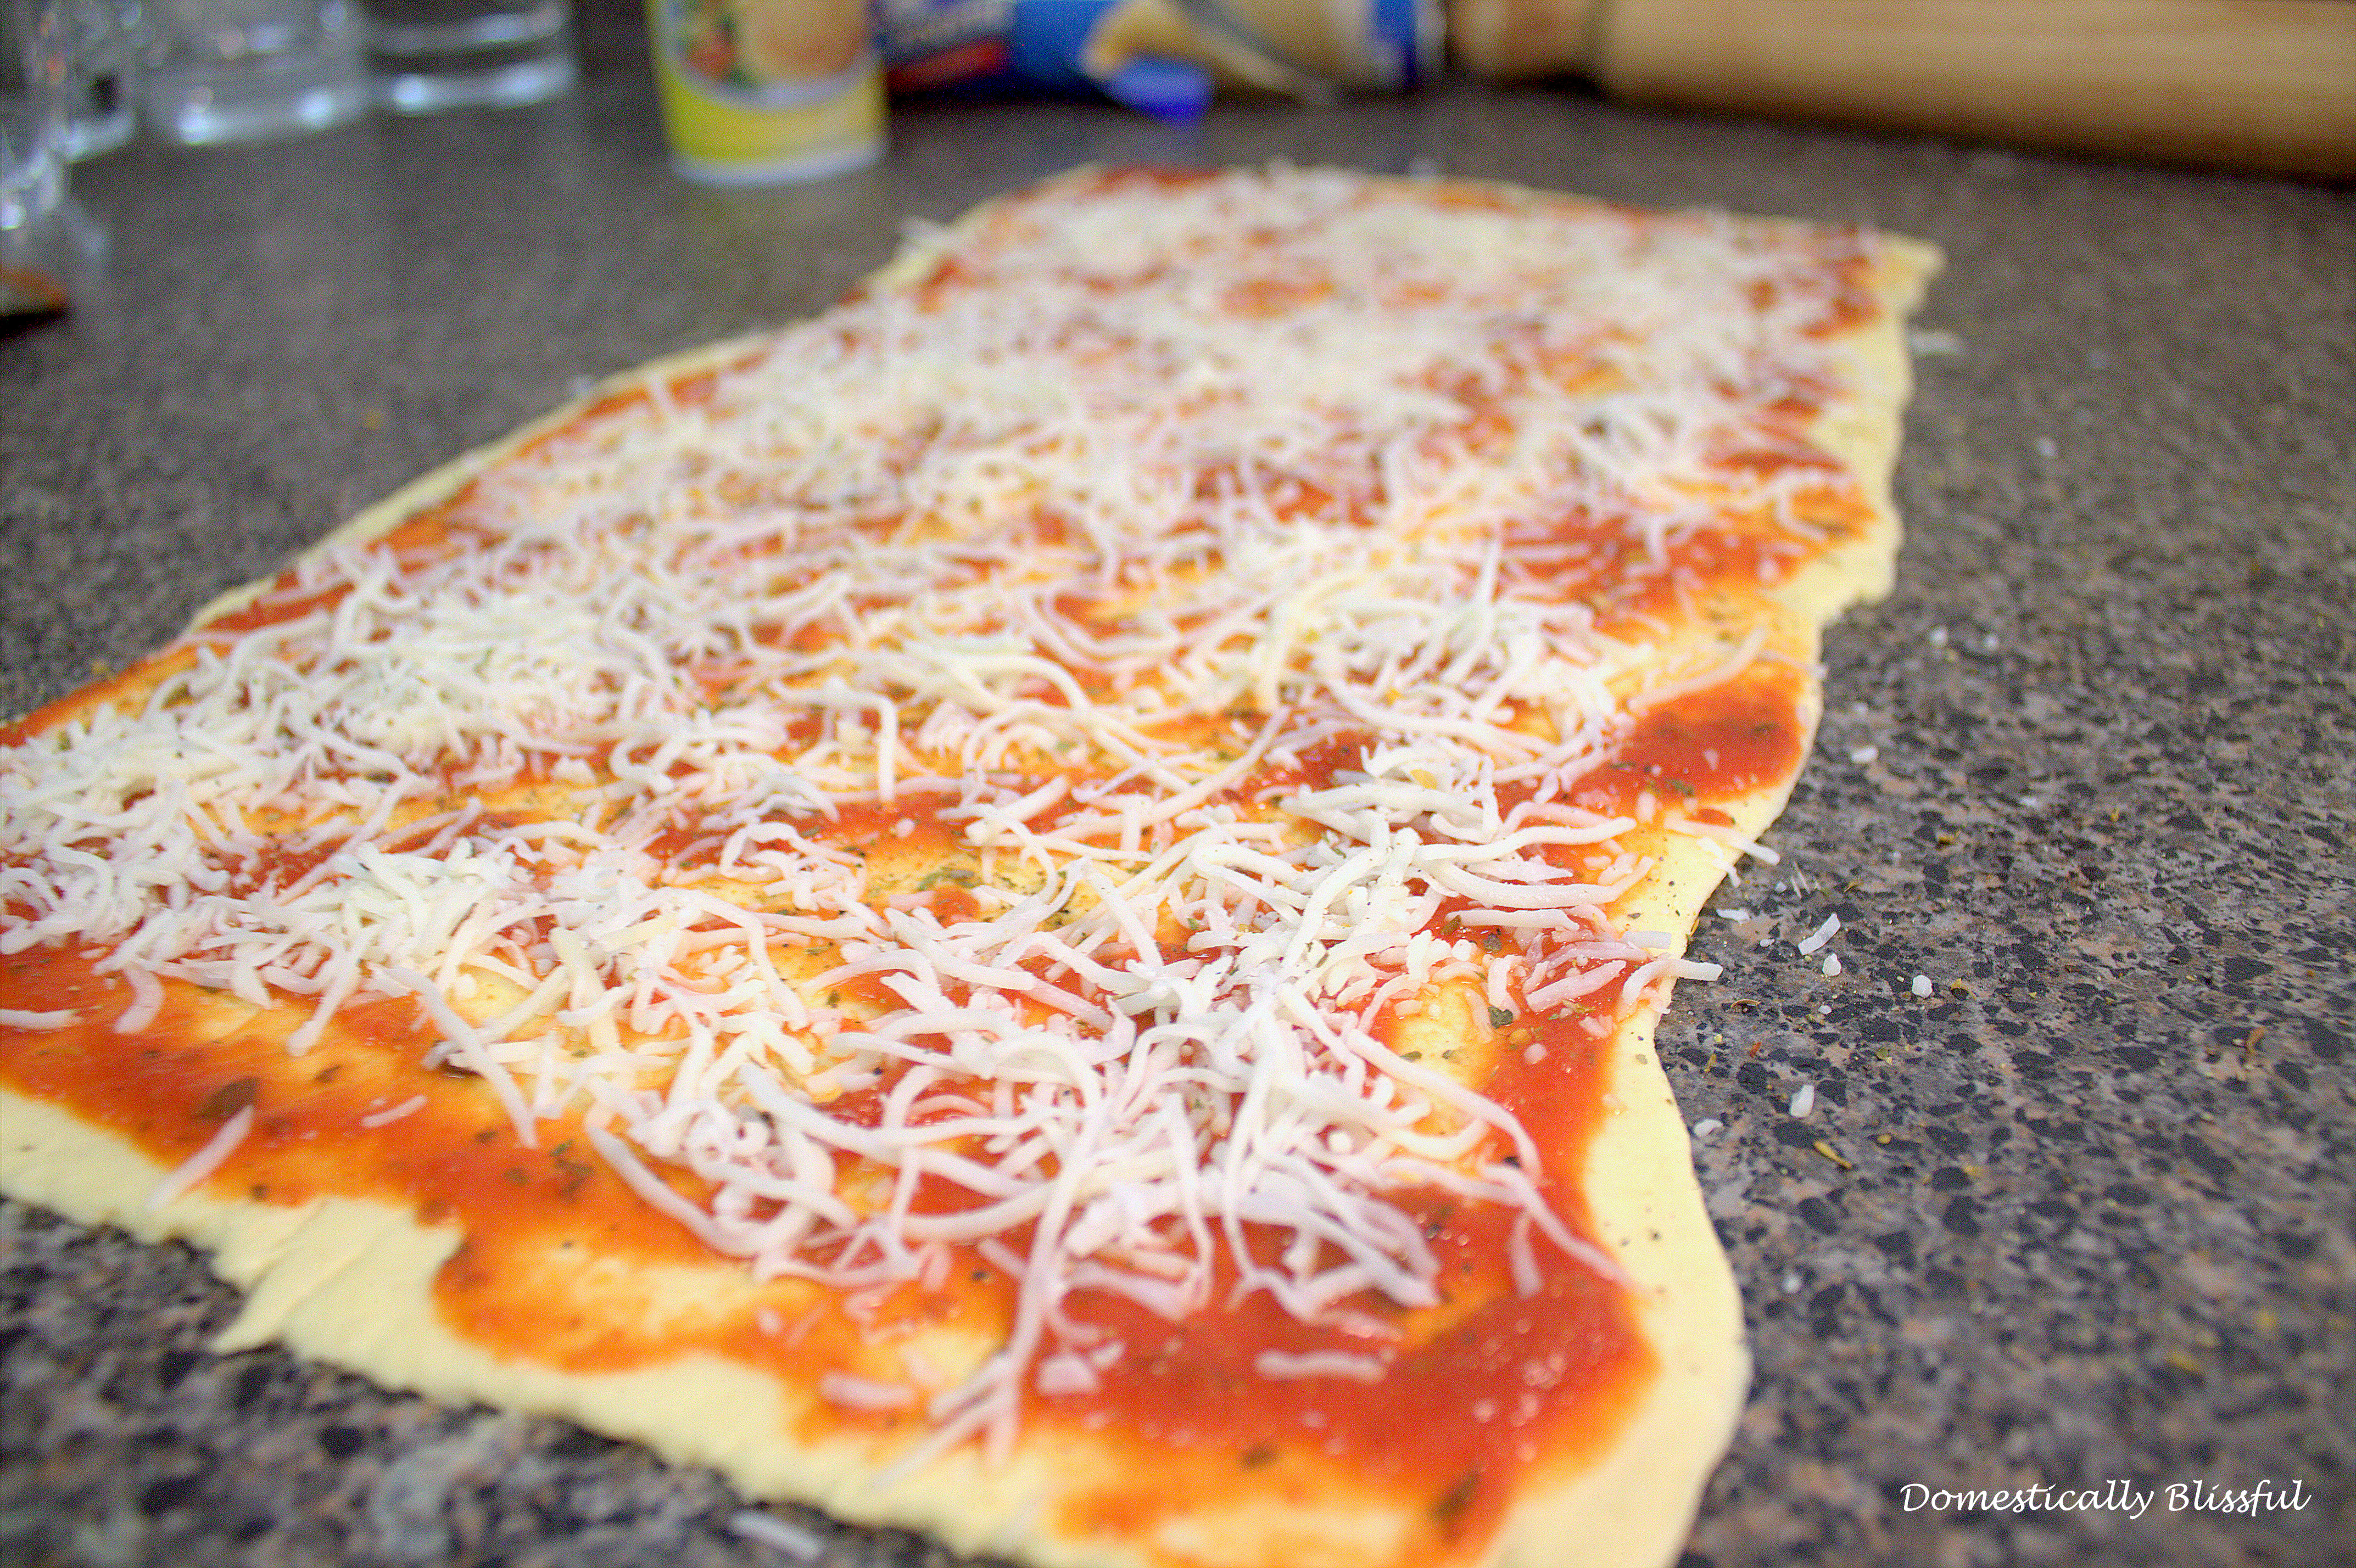 Pizza Pinwheels with seasonings